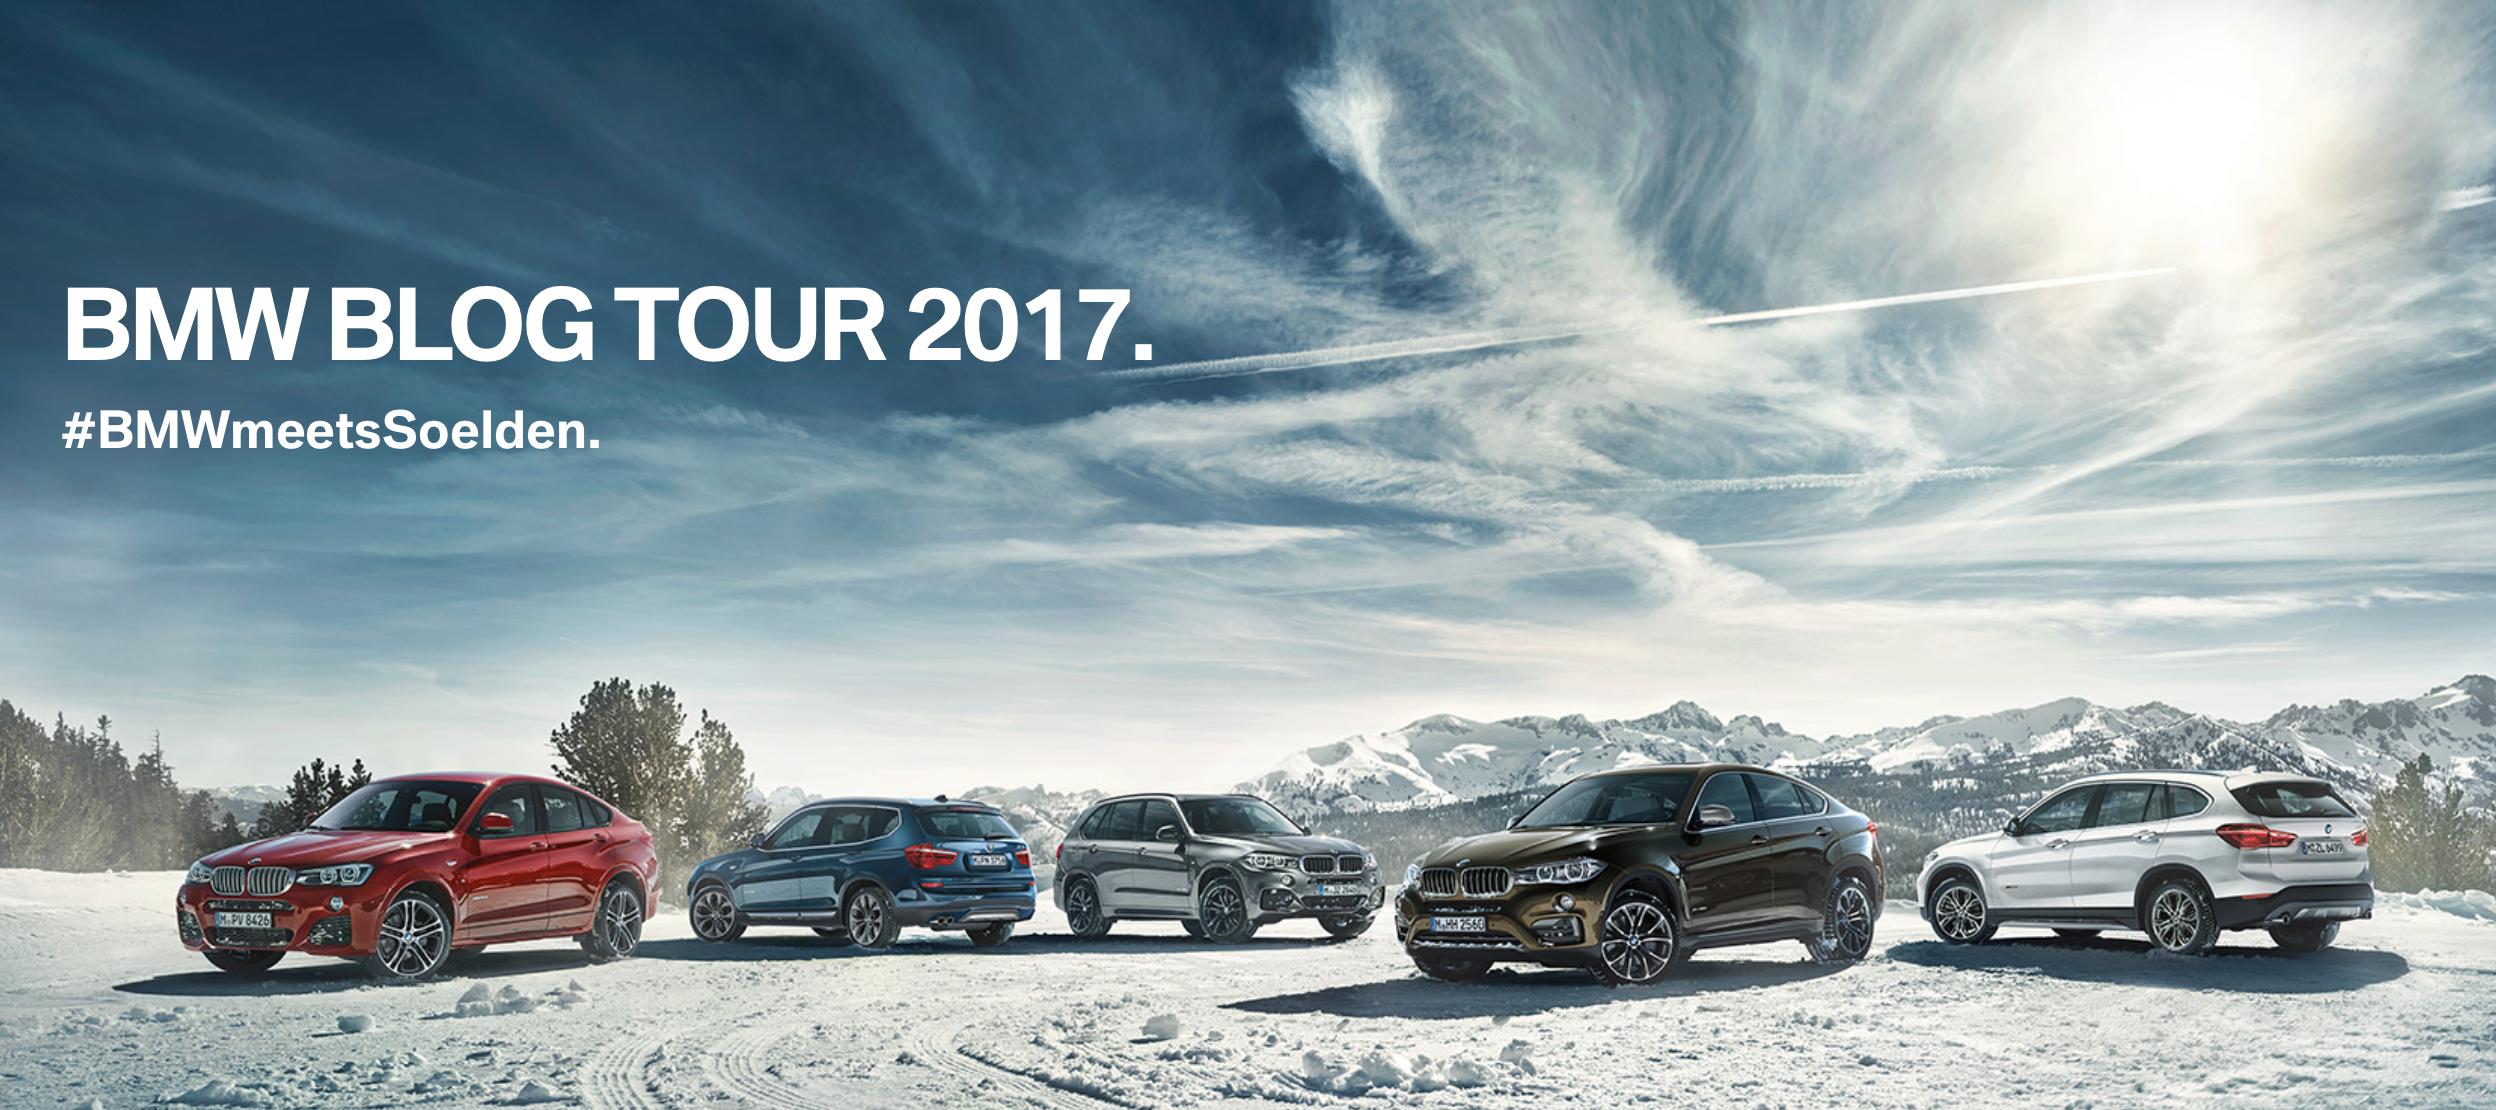 BMW meets Sölden - gewinnt eine Reise zum Hotspot der Alpen Travel Alps Gewinnspiel X1 Skifahren Mountains Wellness Weekend Wochenende Hotel Austria Österreich Ötztal